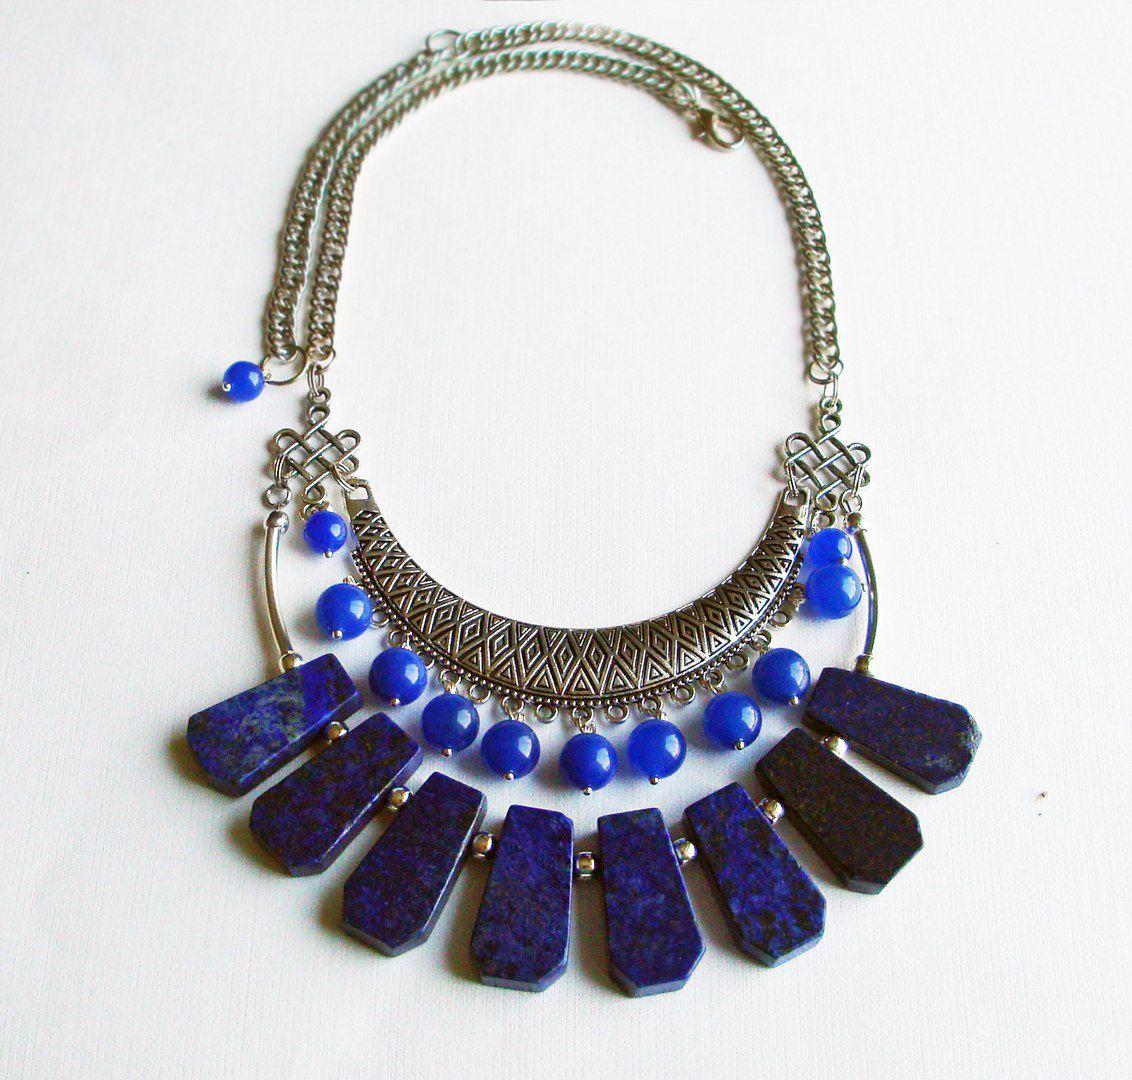 натуральные лазурит камни ожерелье нефрит колье